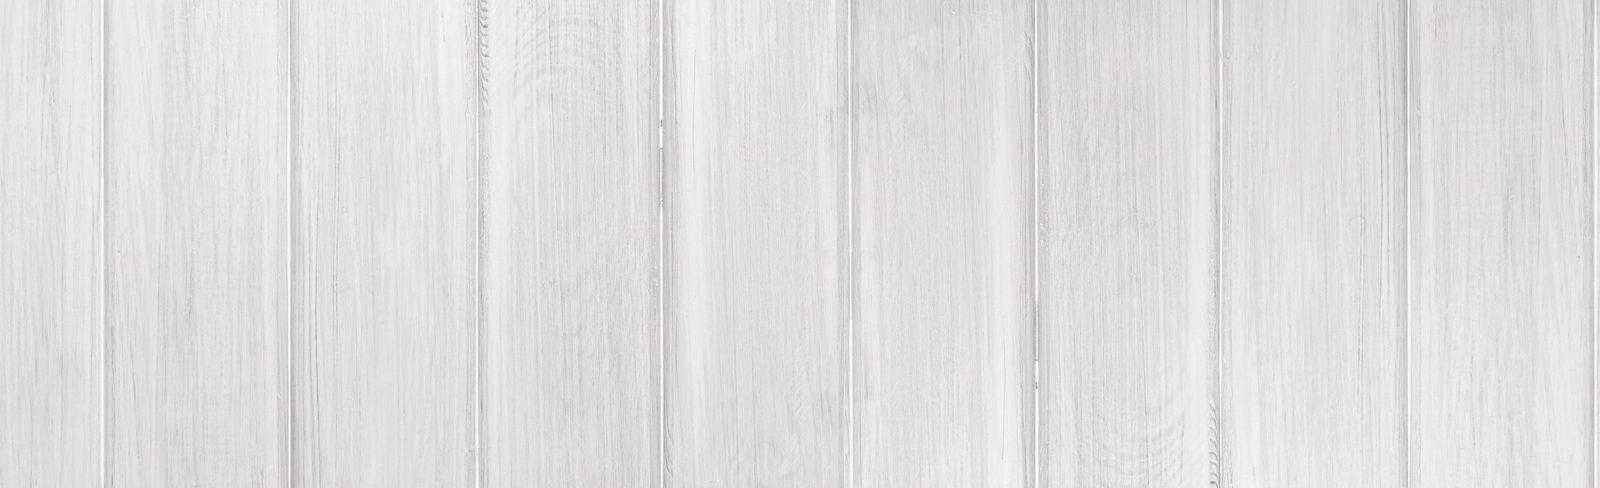 fondo-coren-navidad-e1513155538152